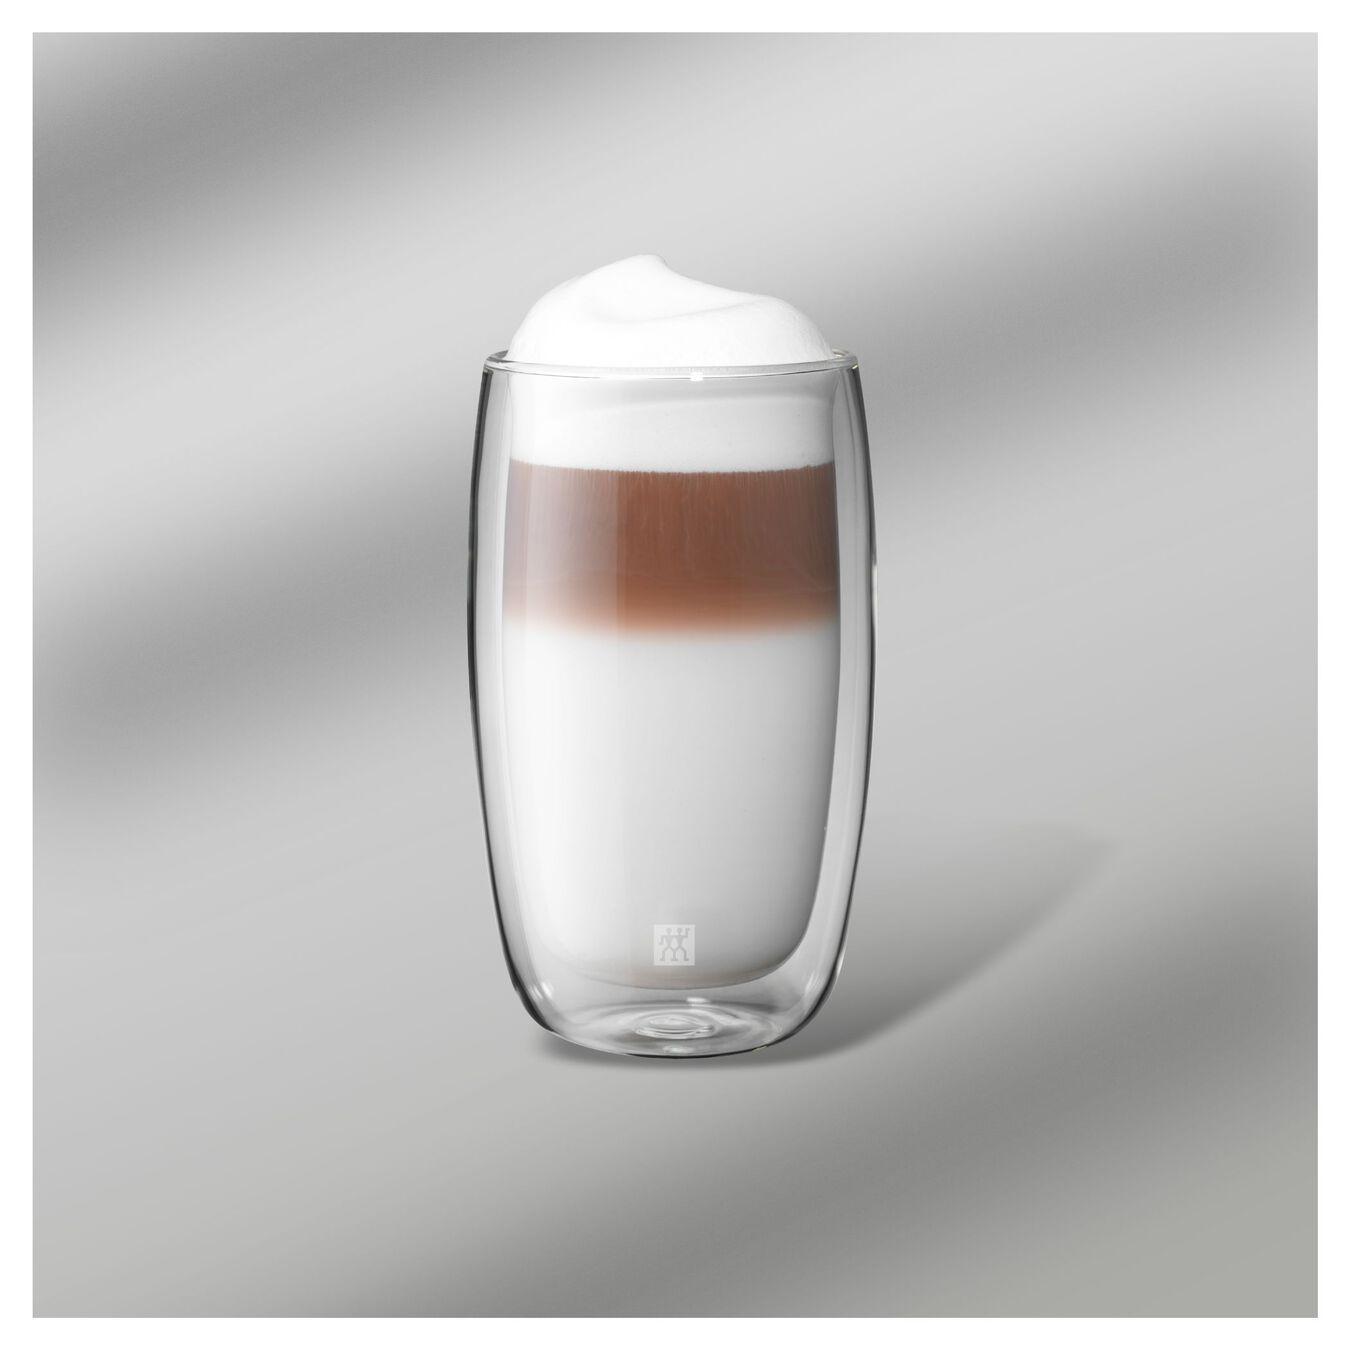 Verres à latte macchiato 2-pcs,,large 4